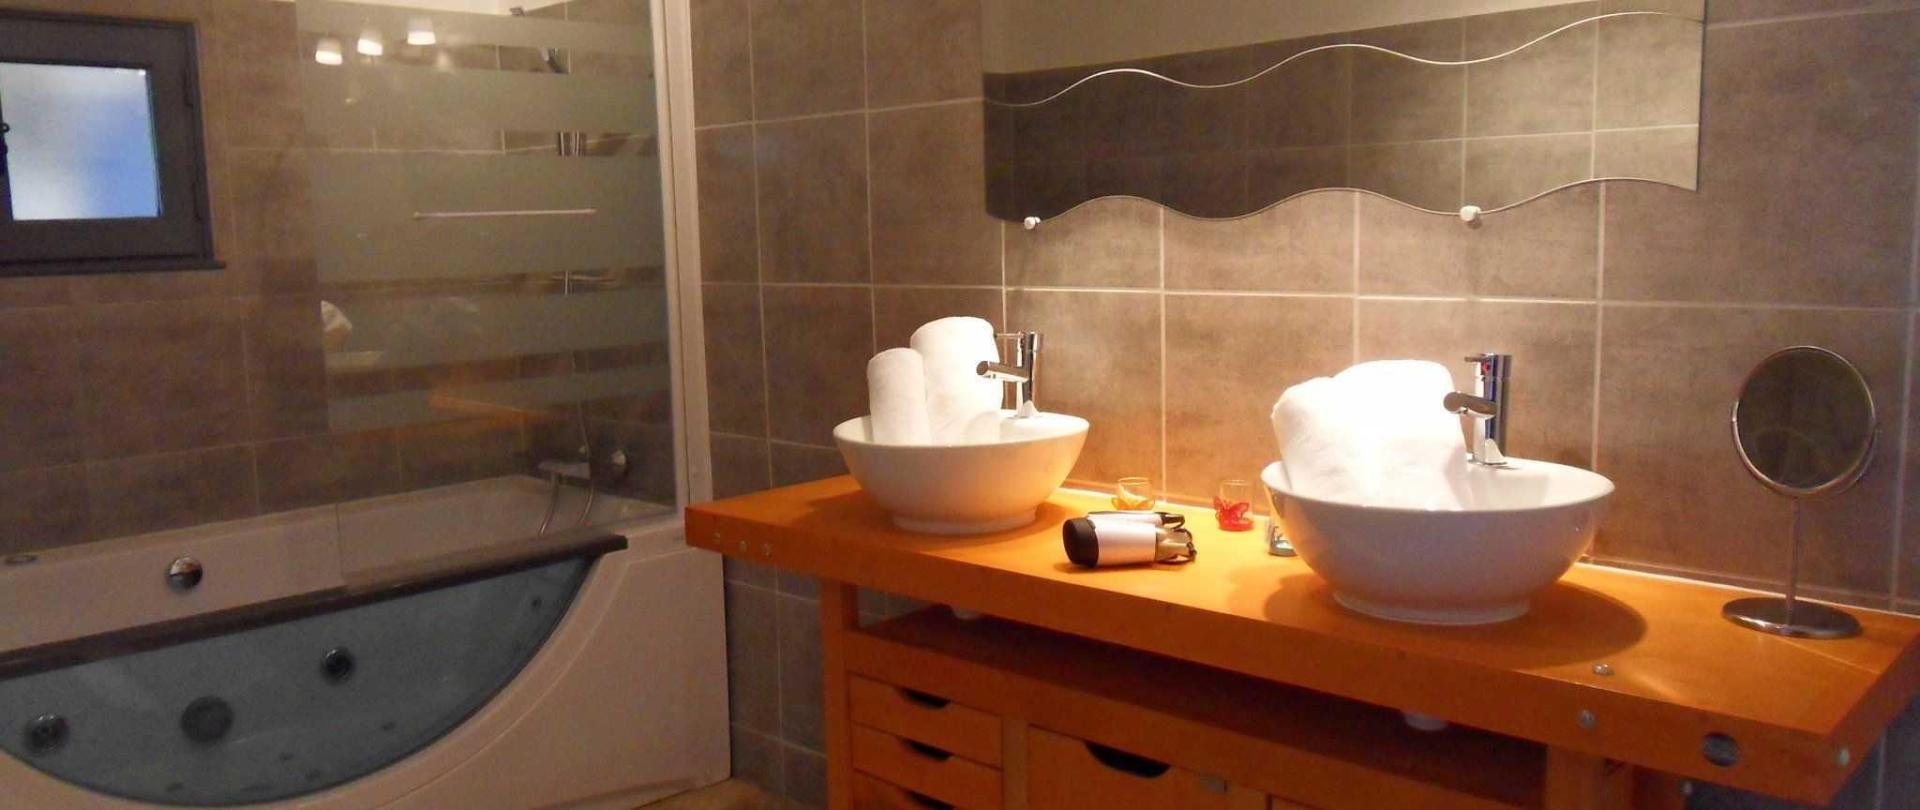 salle-de-bains-ivana-avec-baignoire-remous-1.JPG